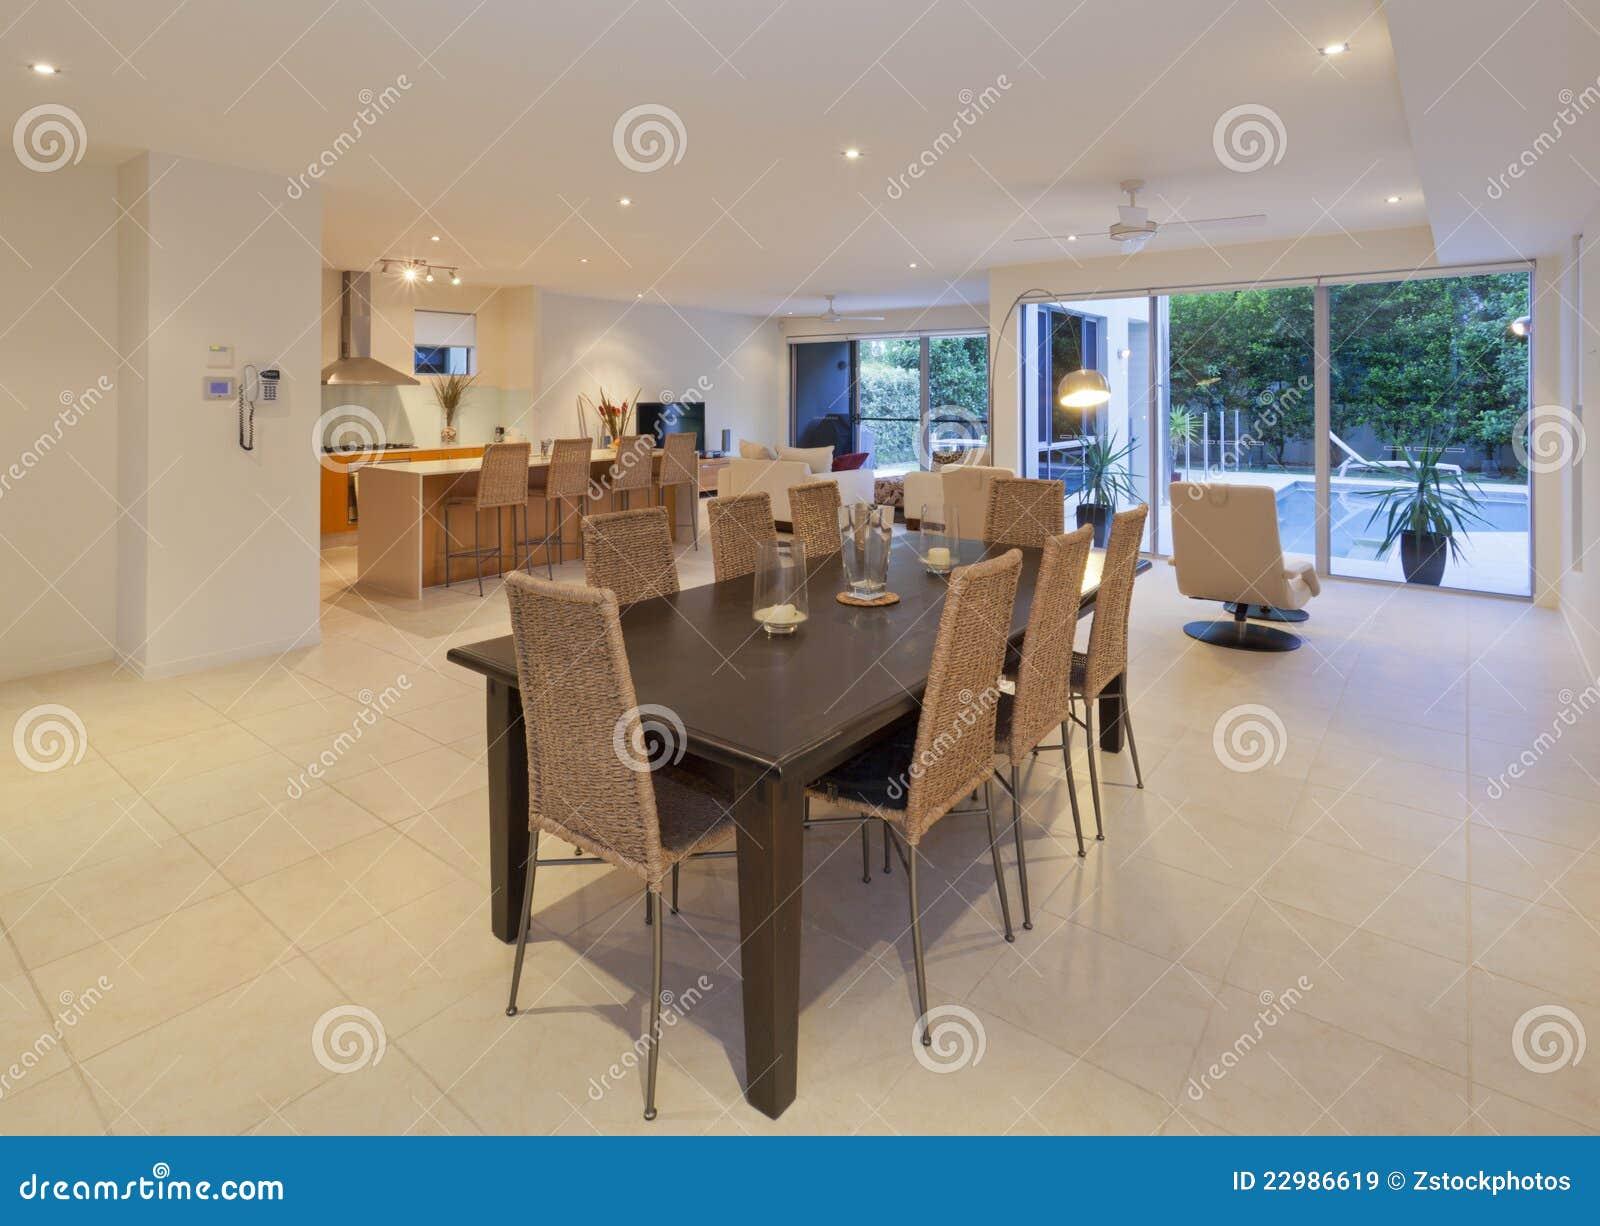 Werkblad keukentafel ontwerp - Eettafel houten ontwerp ...